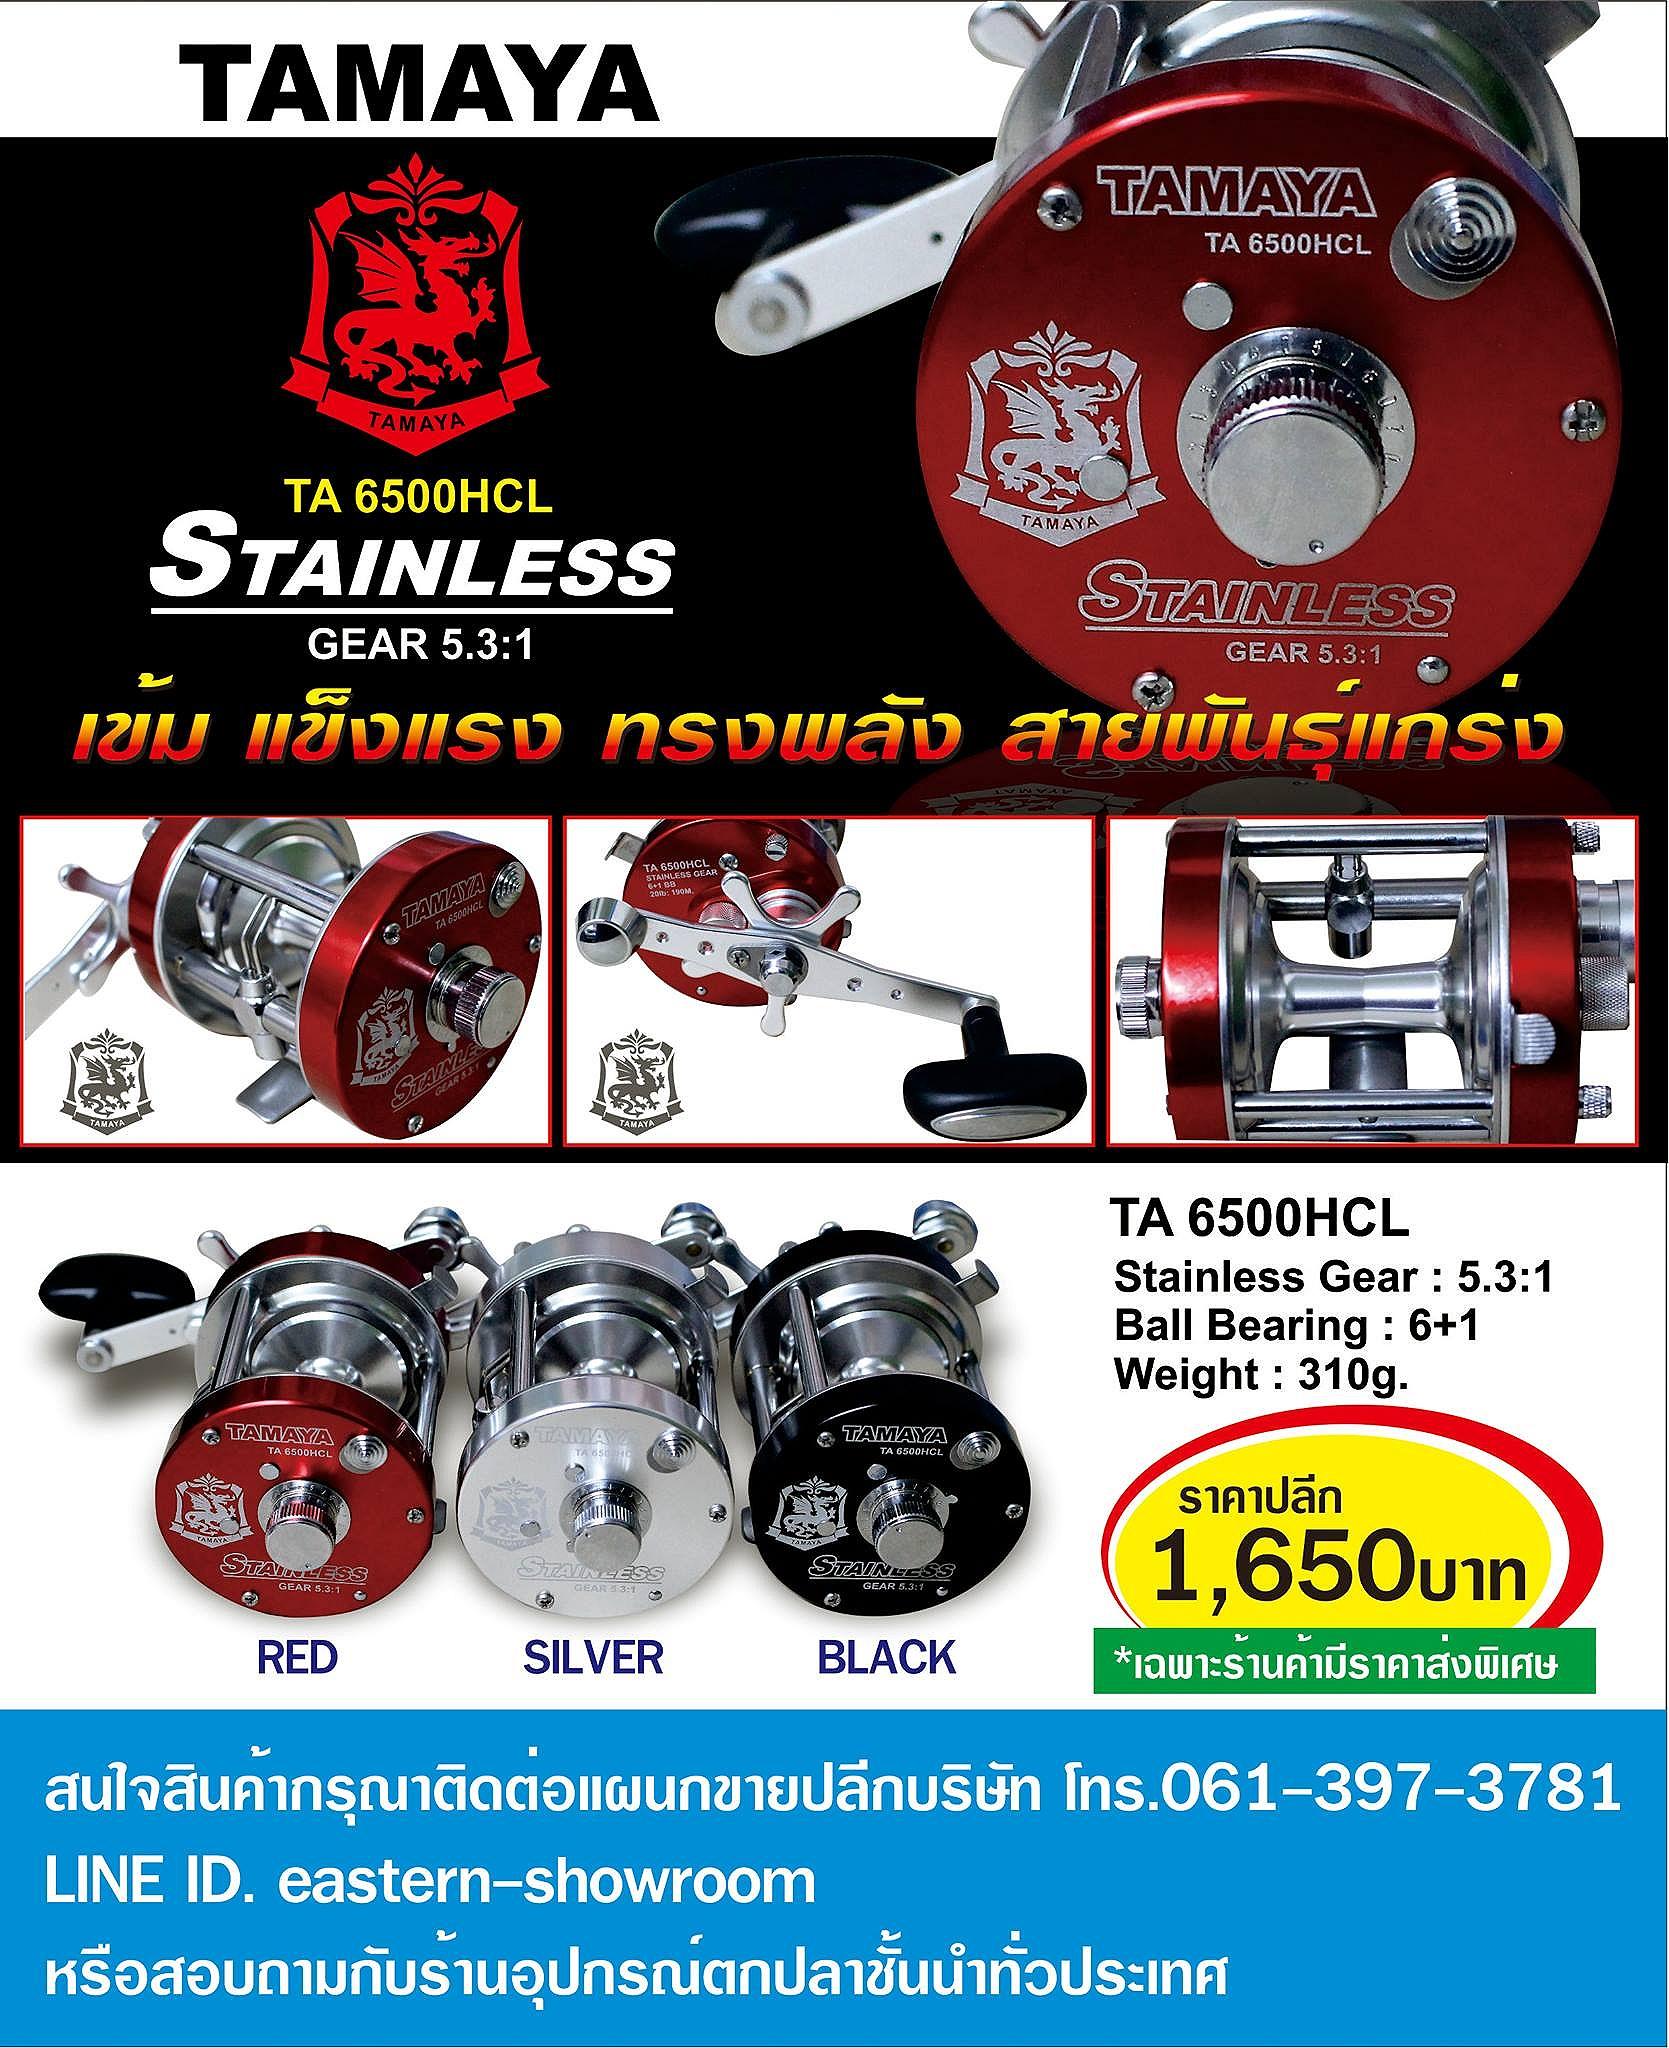 17' TAMAYA - TA 6500HCL [Stainless Gear]